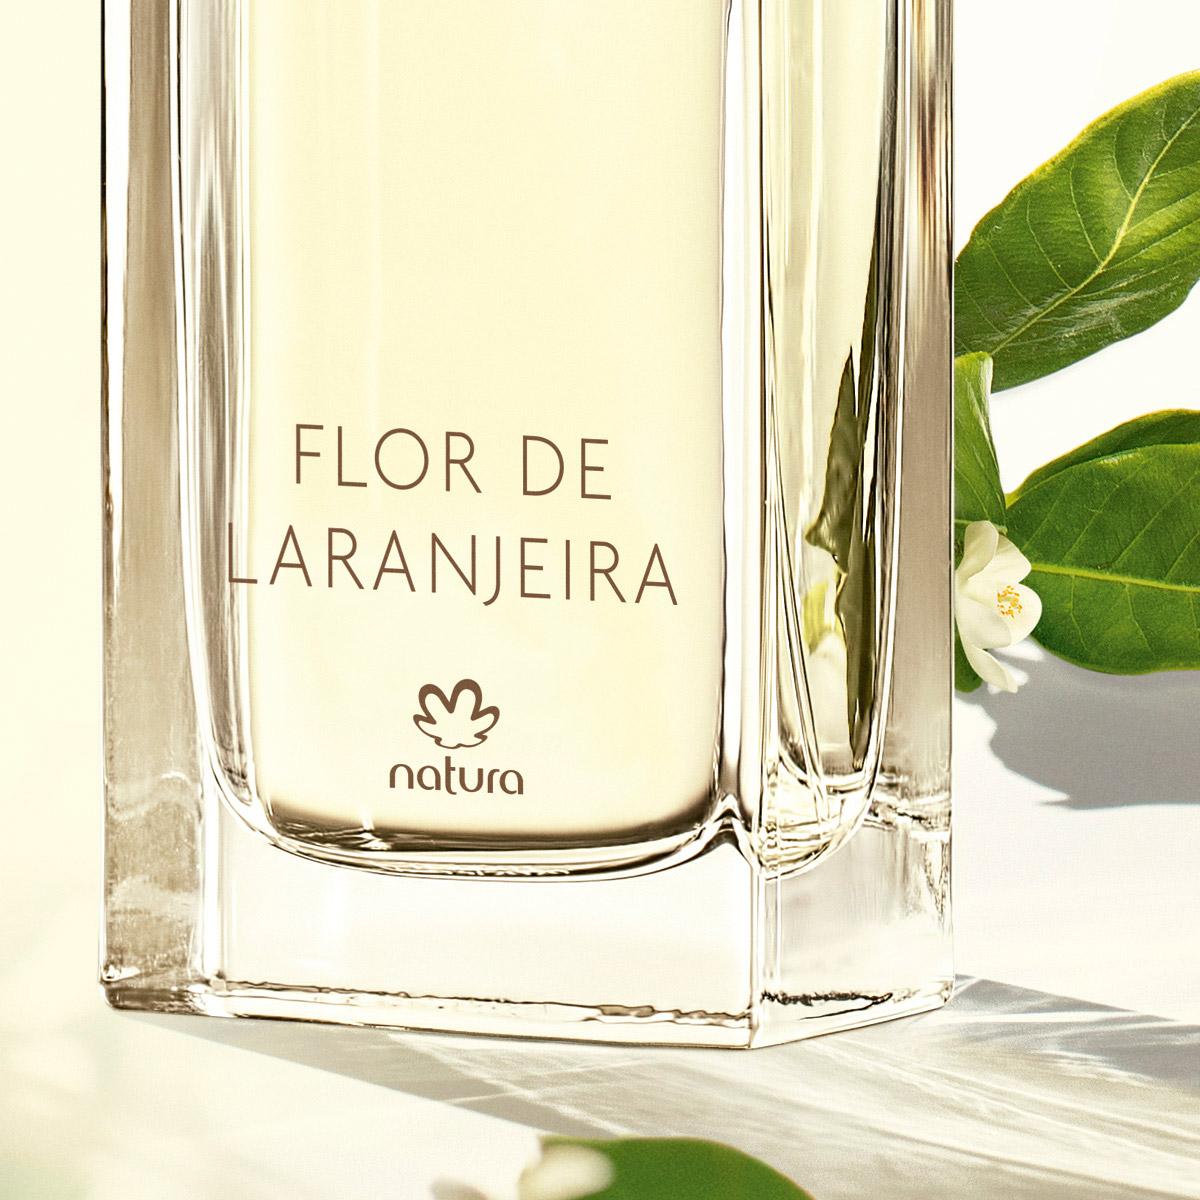 Deo Parfum Esta Flor Flor de Laranjeira Feminino - 75ml - 51617